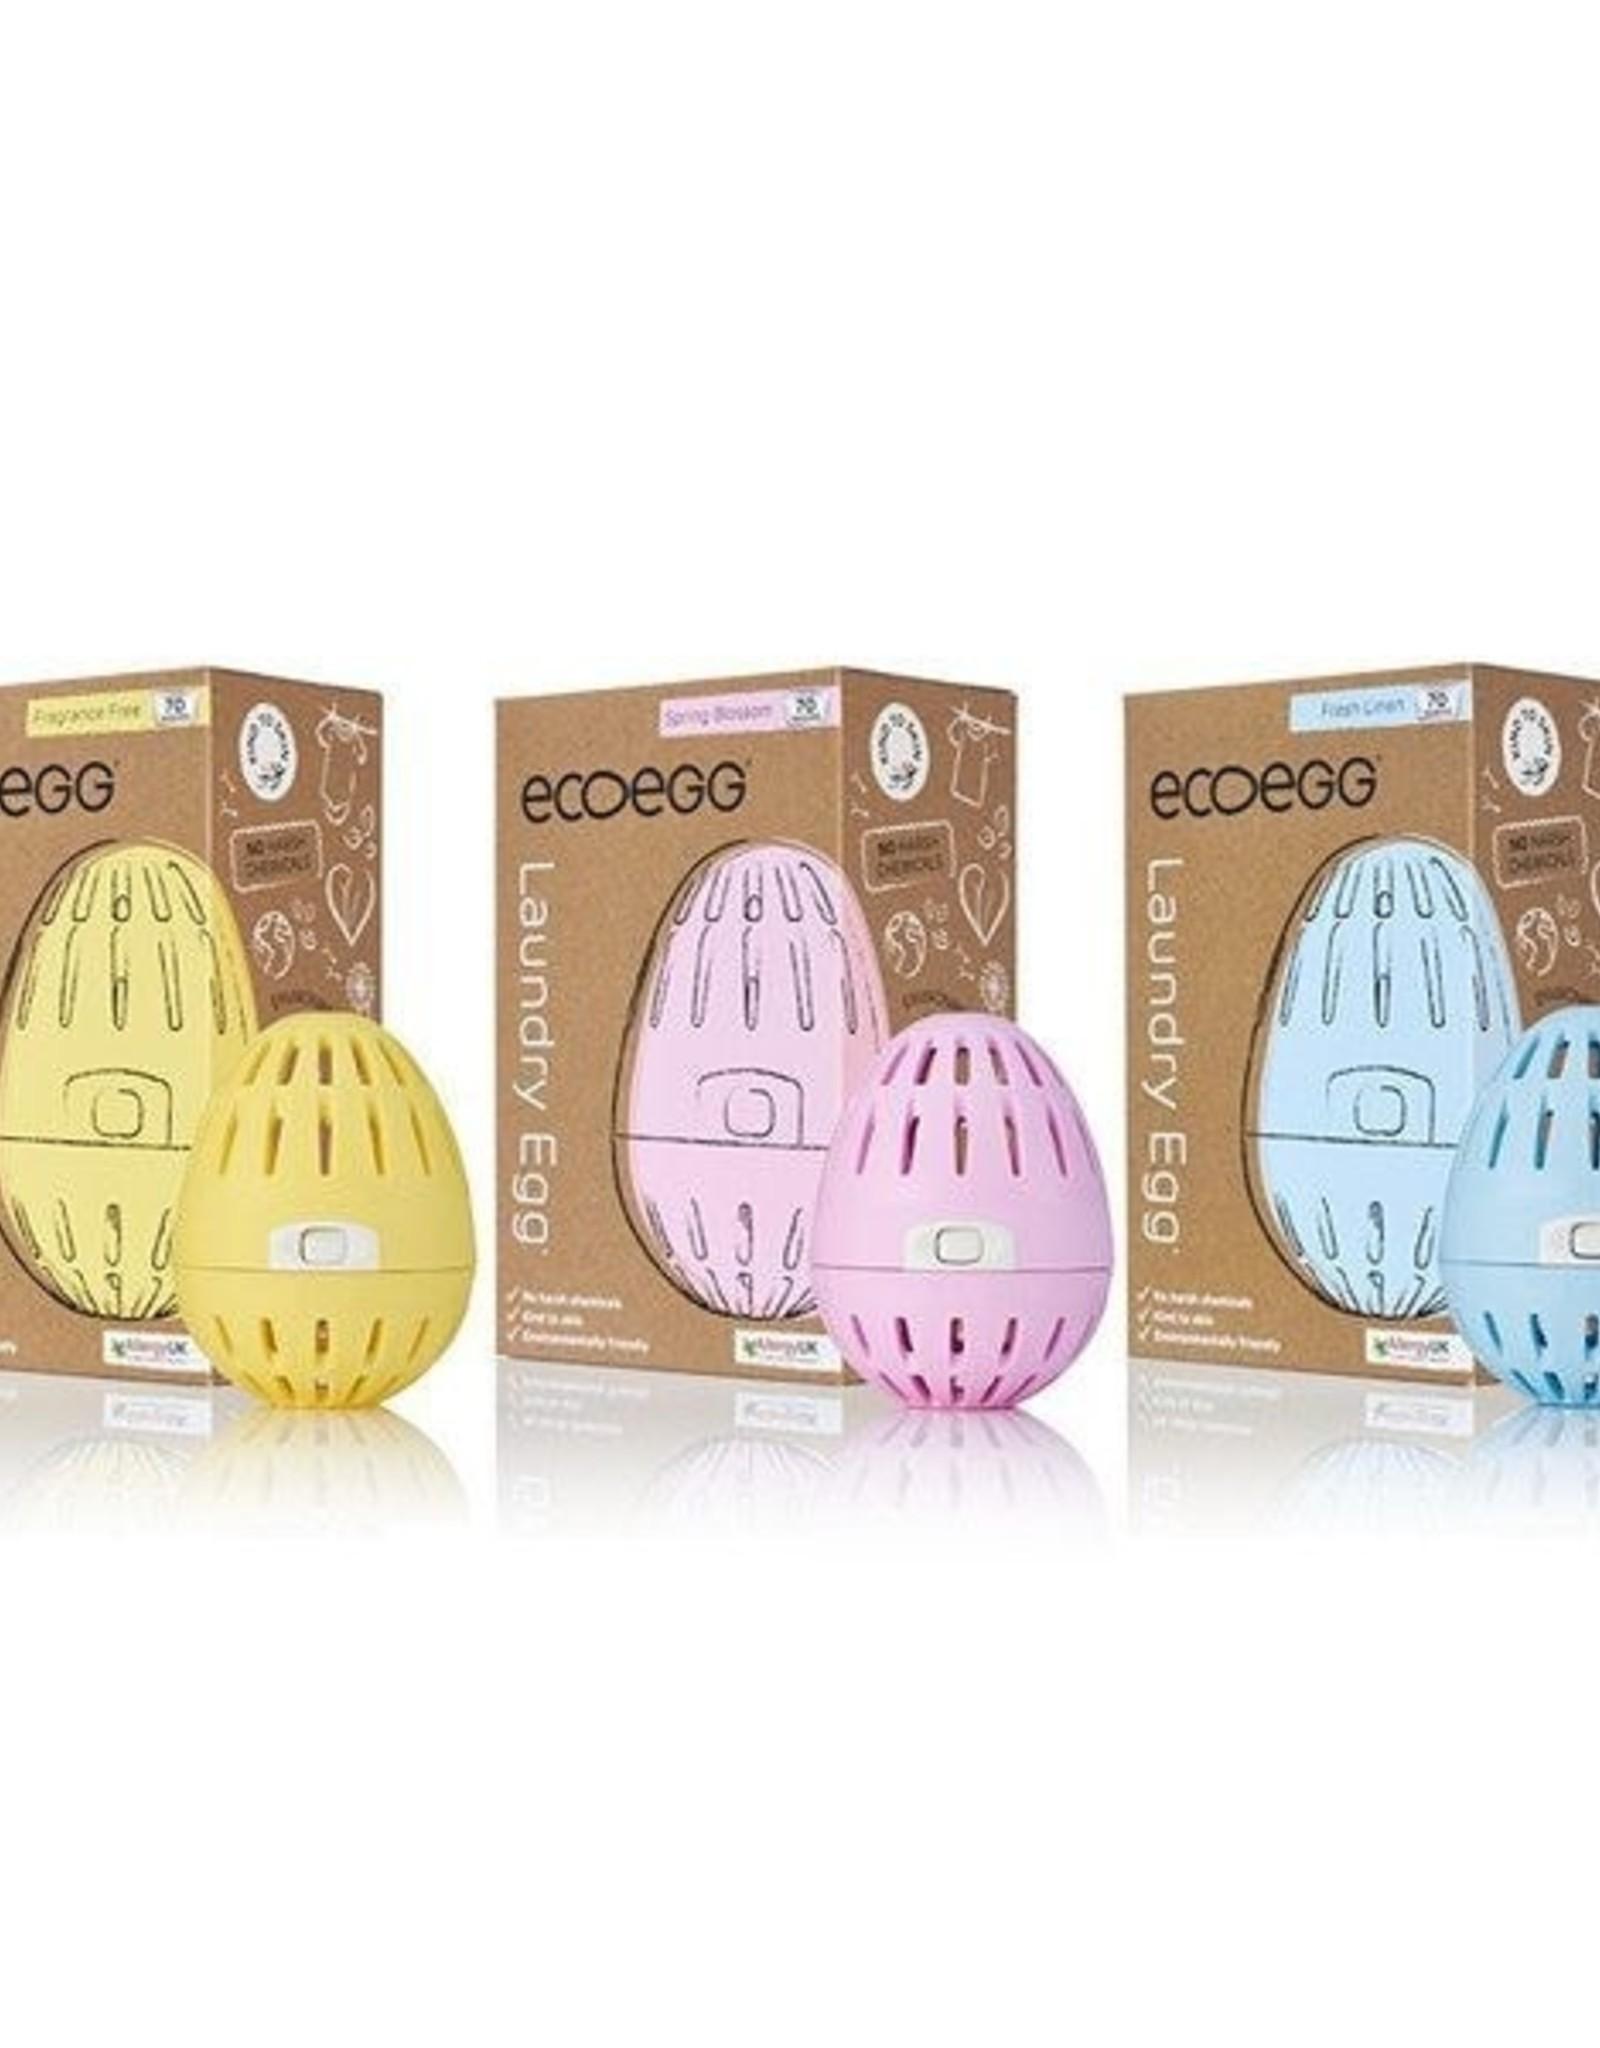 Ecoegg ecoegg Laundry Egg Spring Blossom 70 washes